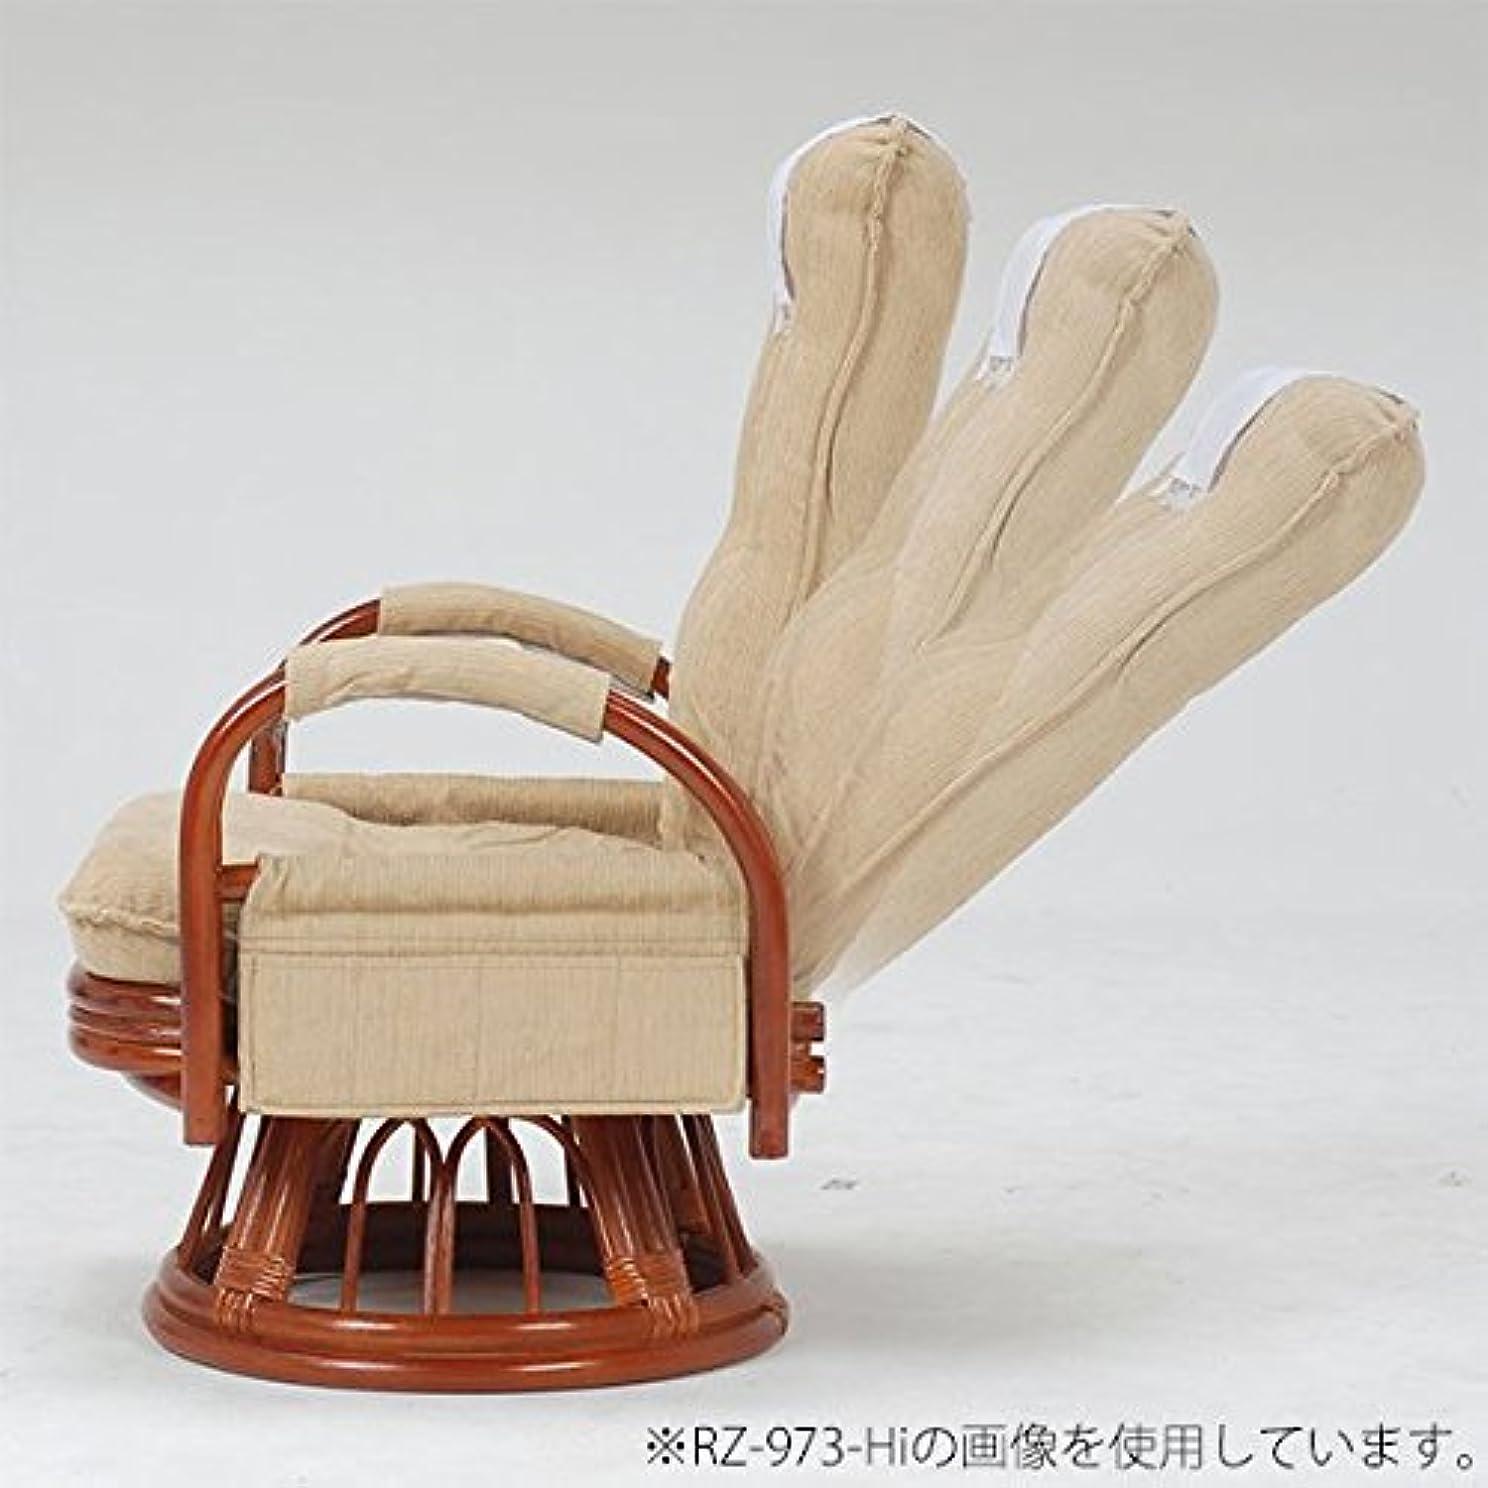 ギア回転座椅子 木製(籐/ラタン) 3段階リクライニング ハイバック仕様 RZ-972-Hi